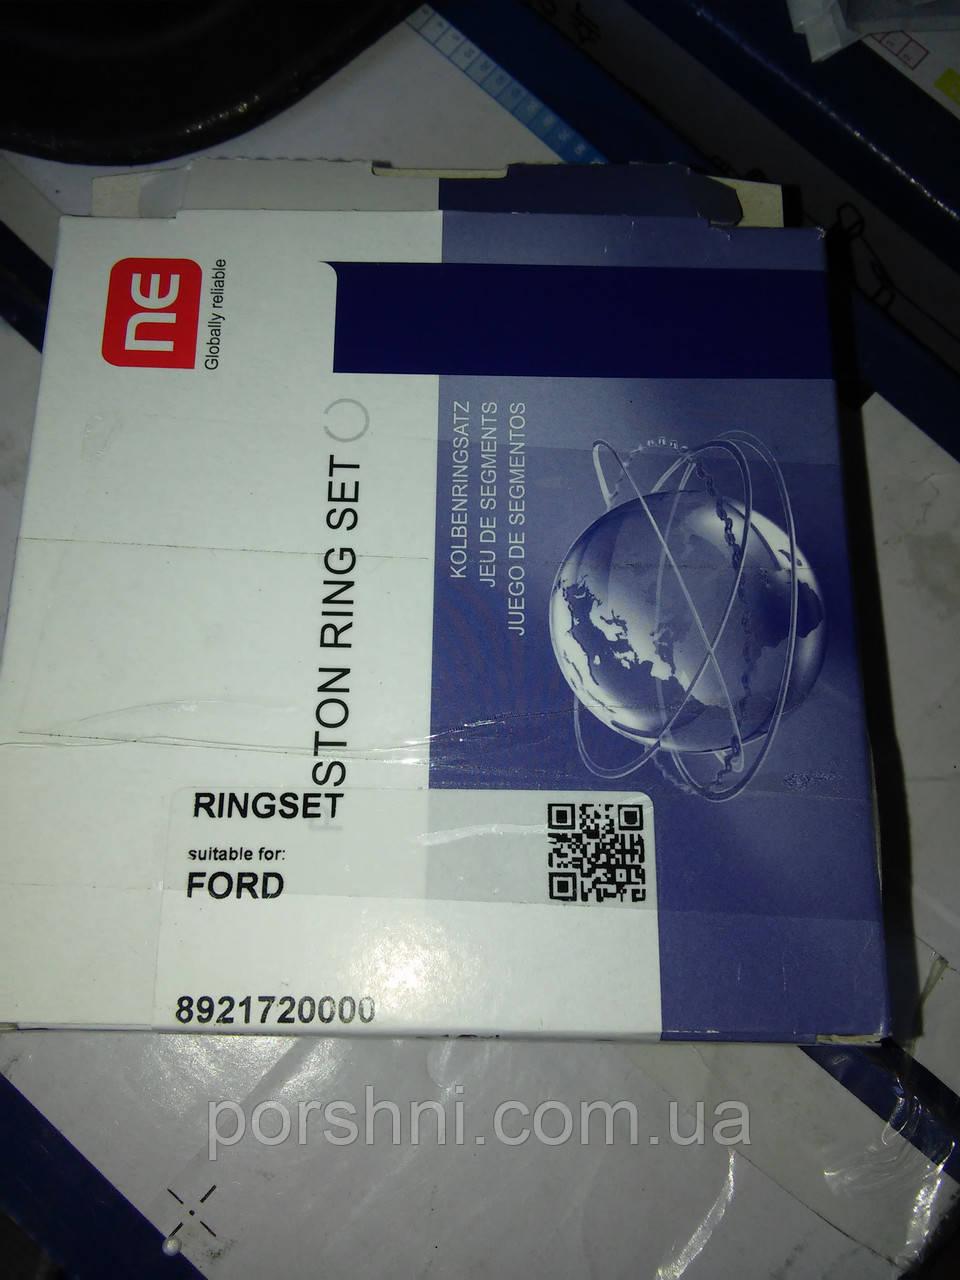 Кольца Ford  Mondeo 2.0 2001 > Focus  NE NPR 8921720000